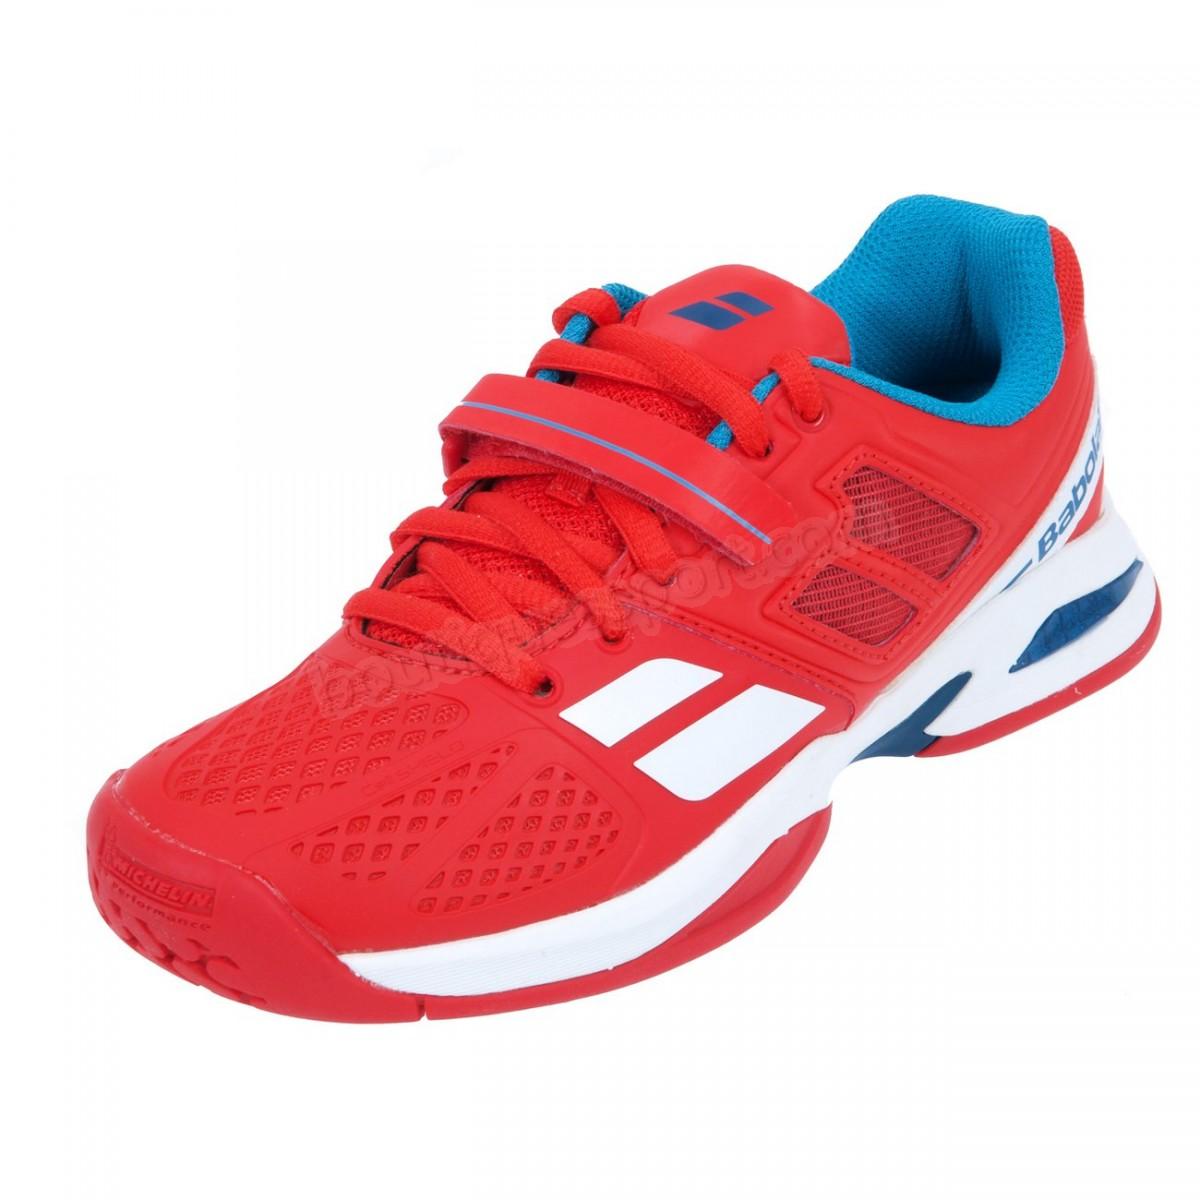 Tennis garçon BABOLAT Chaussures tennis Propulse bpm jr rouge Soldes - -1